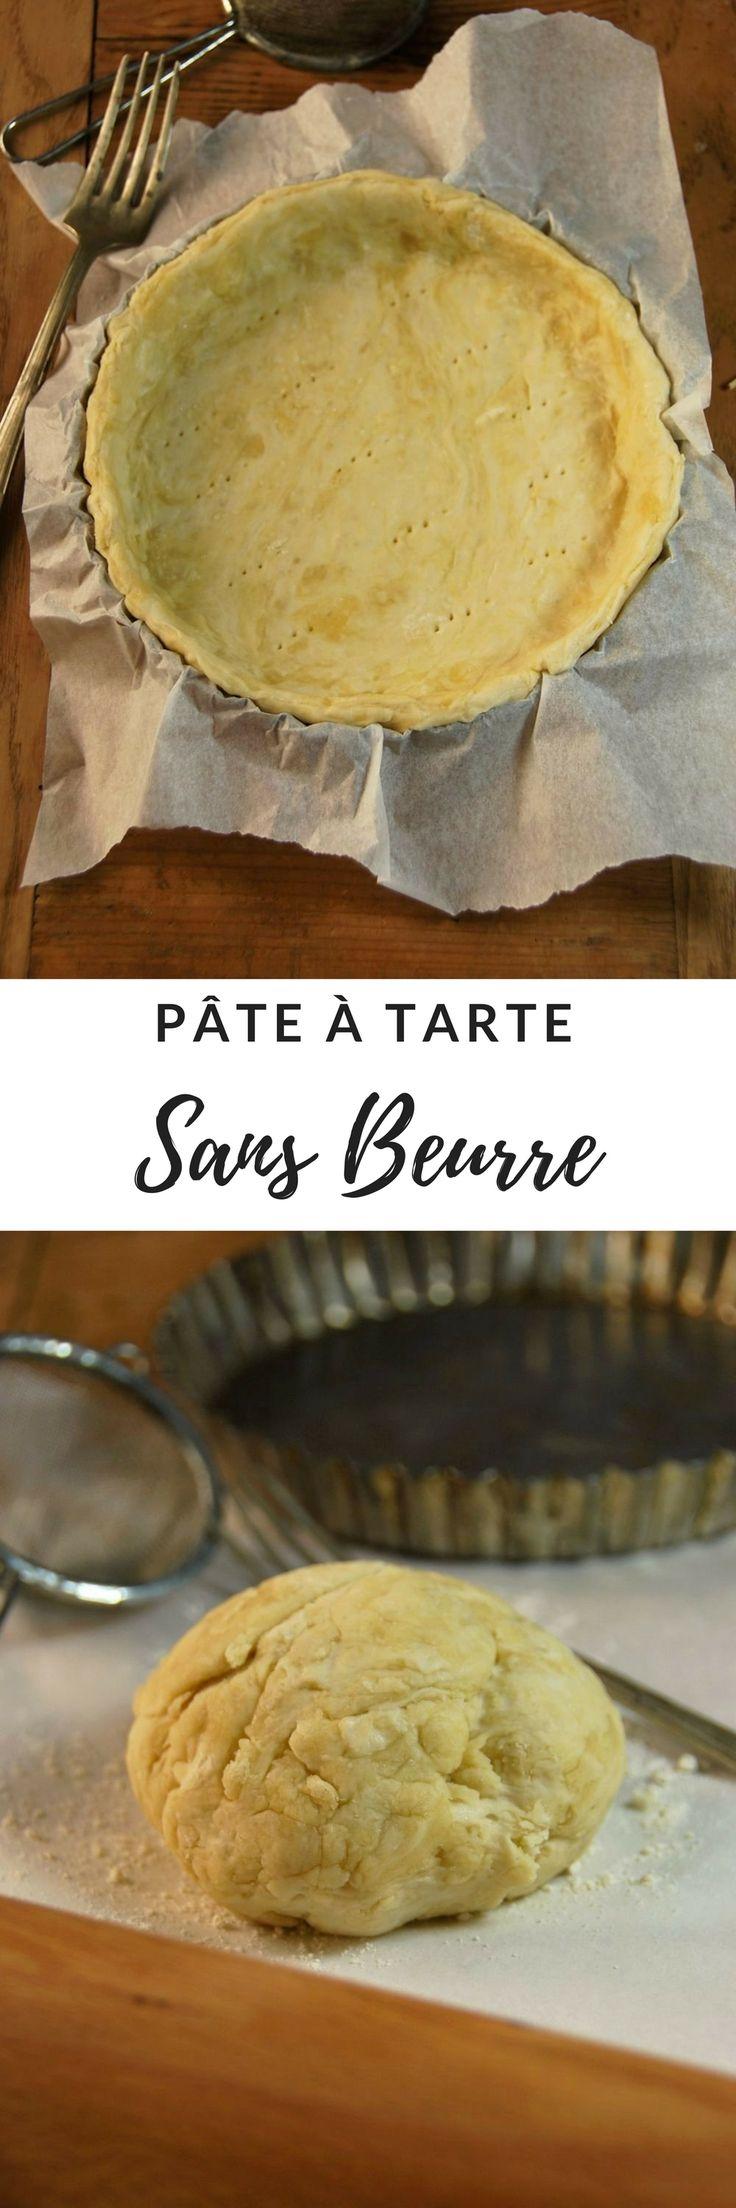 Pâte à tarte sans beurre {recette facile, rapide et vegane} Pour tartes salées et sucrées.